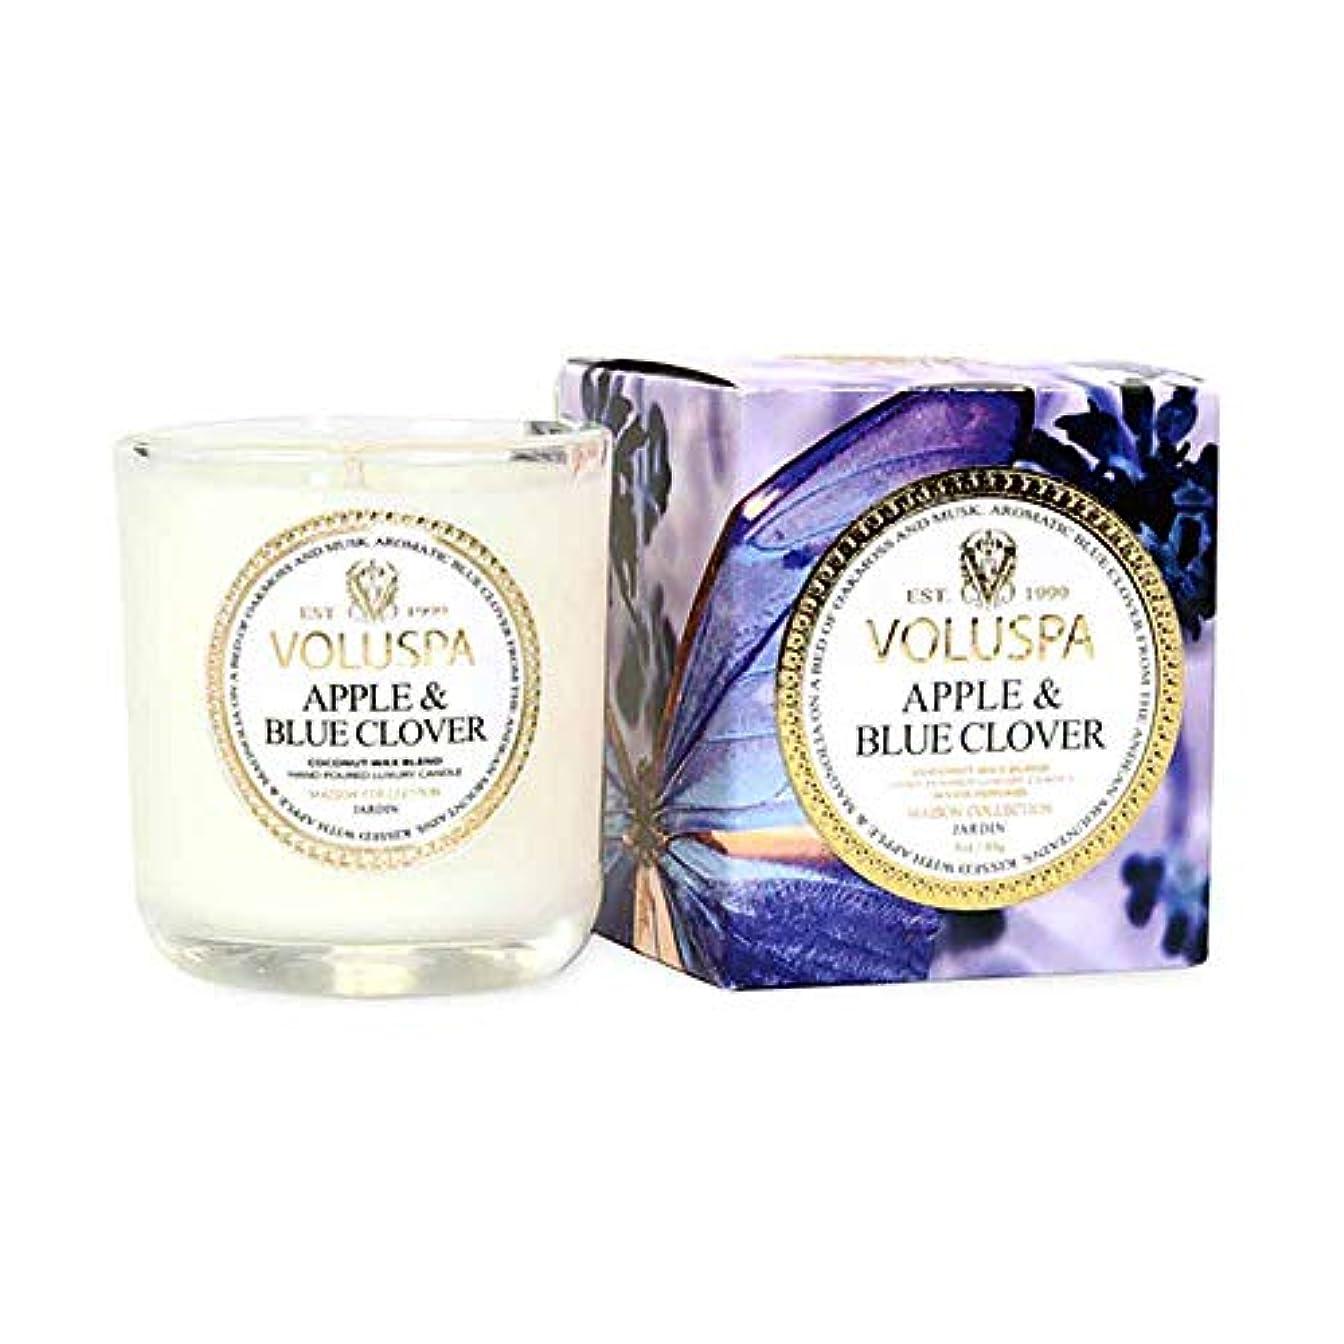 チーズ花嫁着飾るVOLUSPA メゾンジャルダン ミニグラスキャンドル Apple Blue Clove アップル&ブルークローバー MAISON JARDIN GLASS CANDLE mini ボルスパ